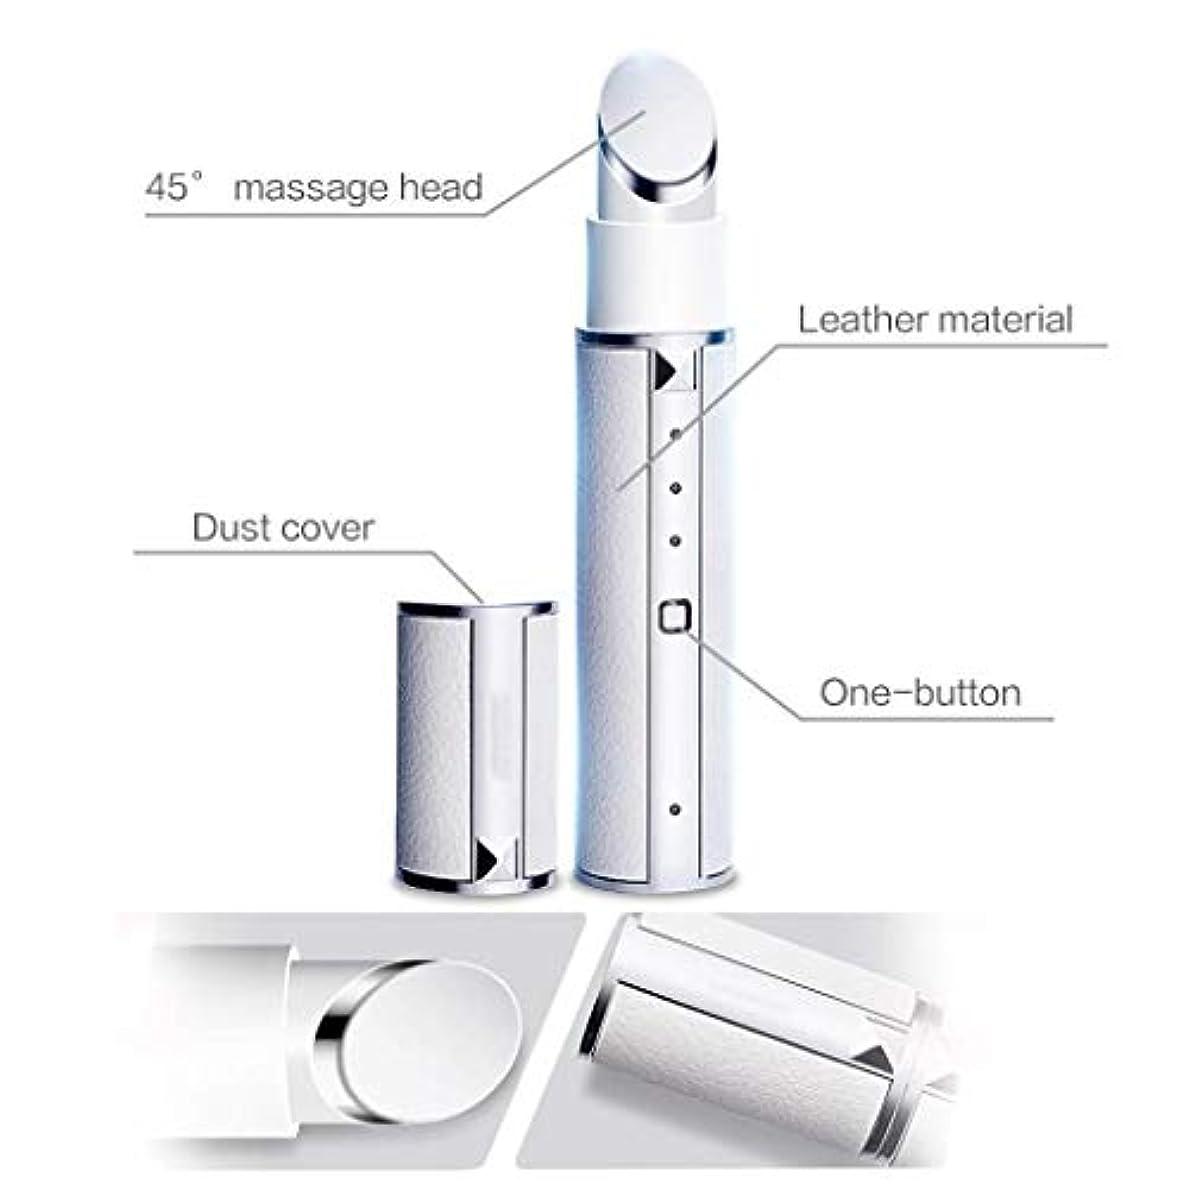 生産的カード半導体マッサージャー、42℃恒温電気アイマッサージケアデバイス、顔の健康と美容ツール、顔に適して、額、首のリフト、しっかりした肌、しわを減らす、持ち運びが簡単